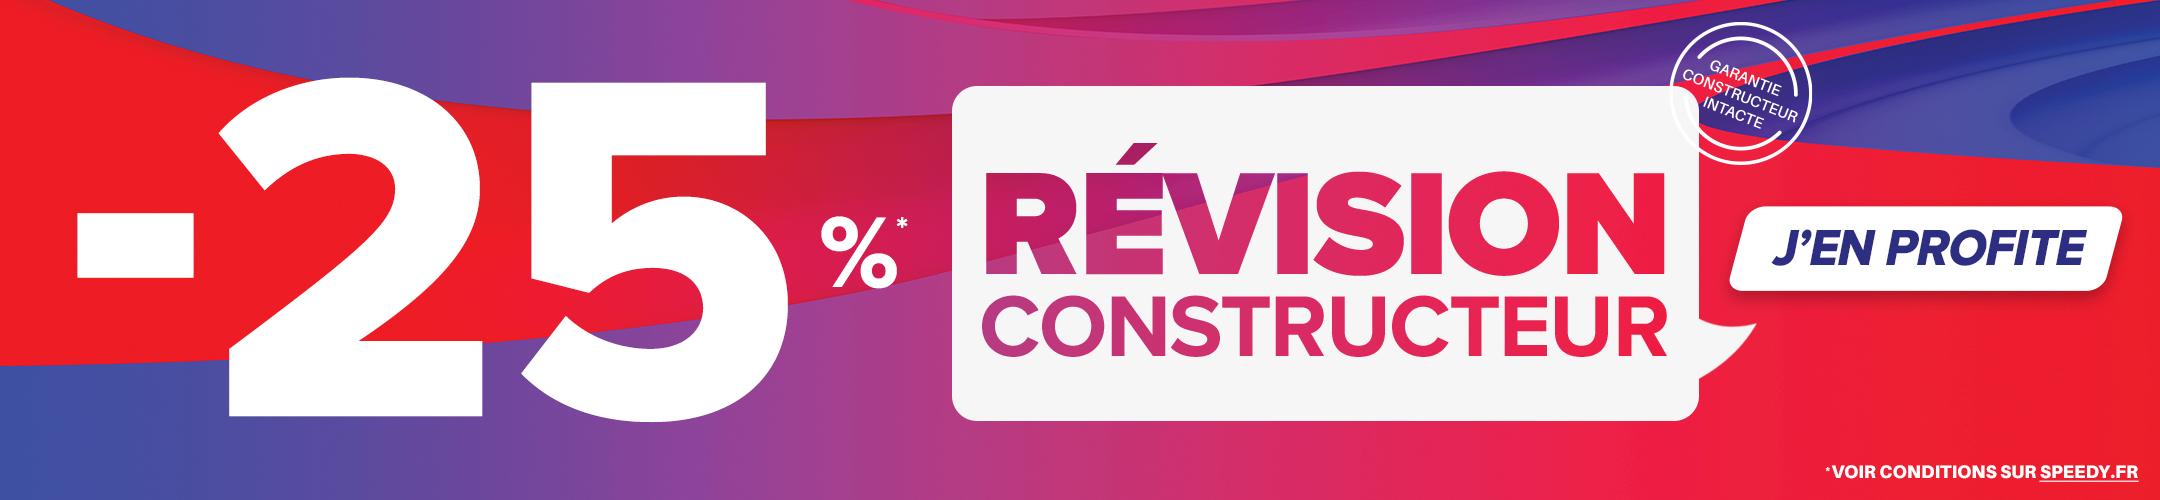 25% de remise sur la révision constructeur